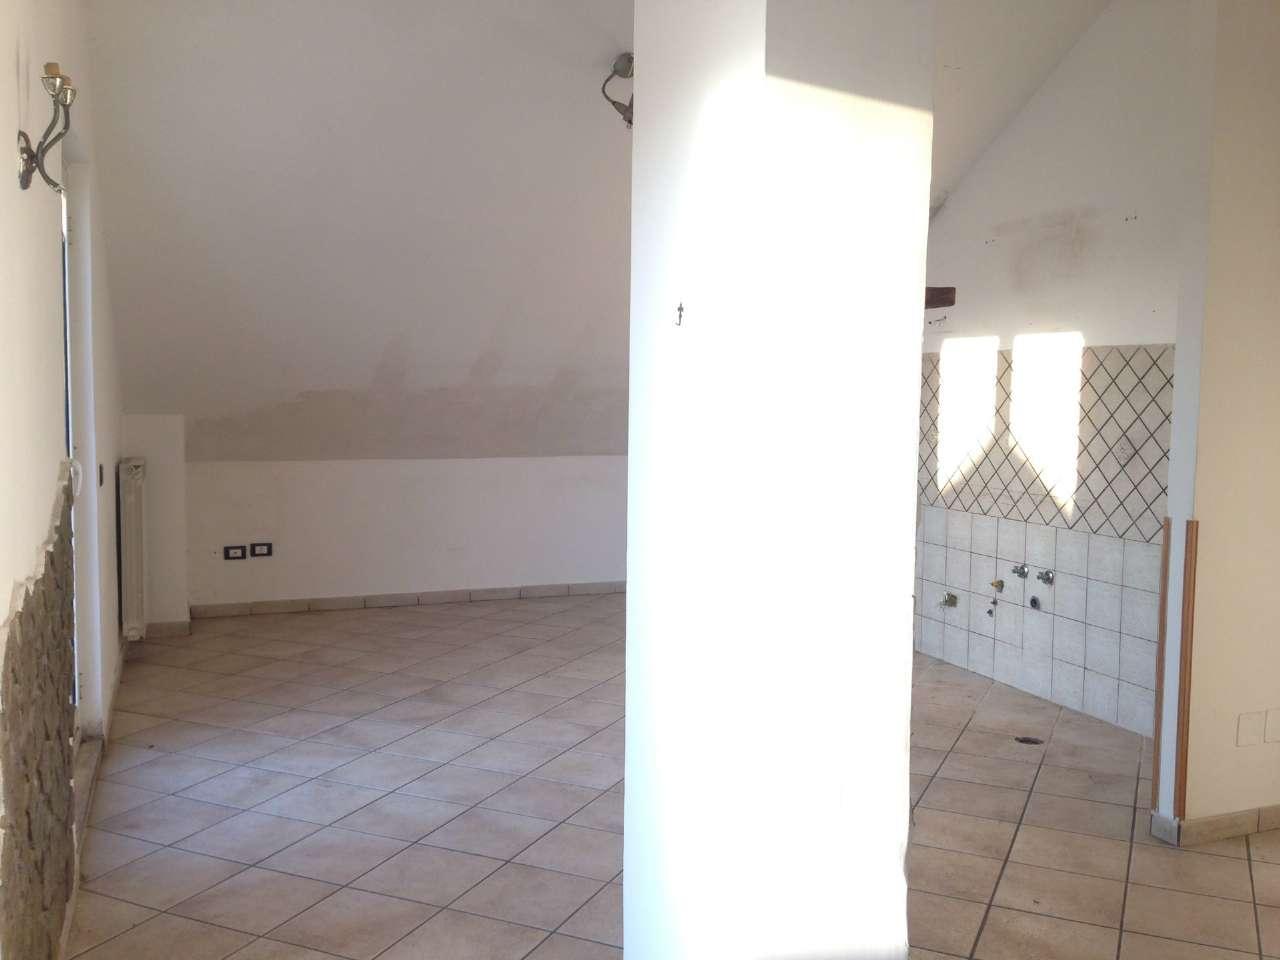 Attico / Mansarda in affitto a Giugliano in Campania, 5 locali, prezzo € 500 | CambioCasa.it